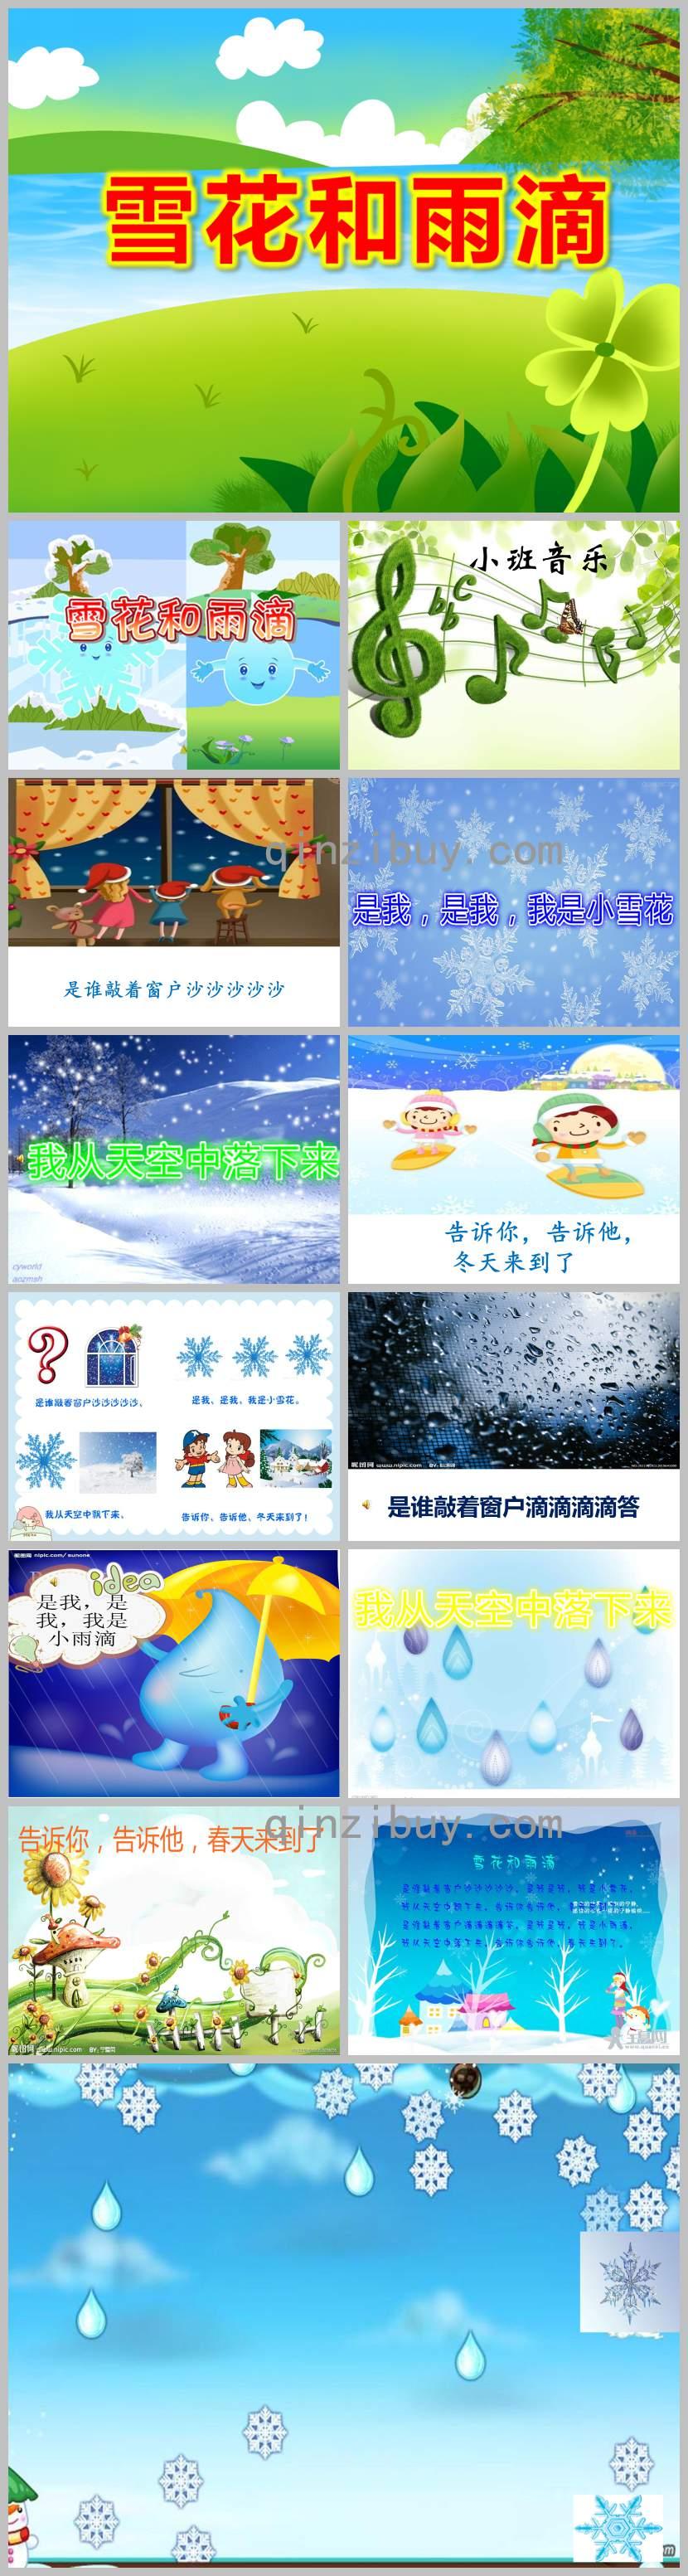 雪花和雨滴PPT课件教案图片